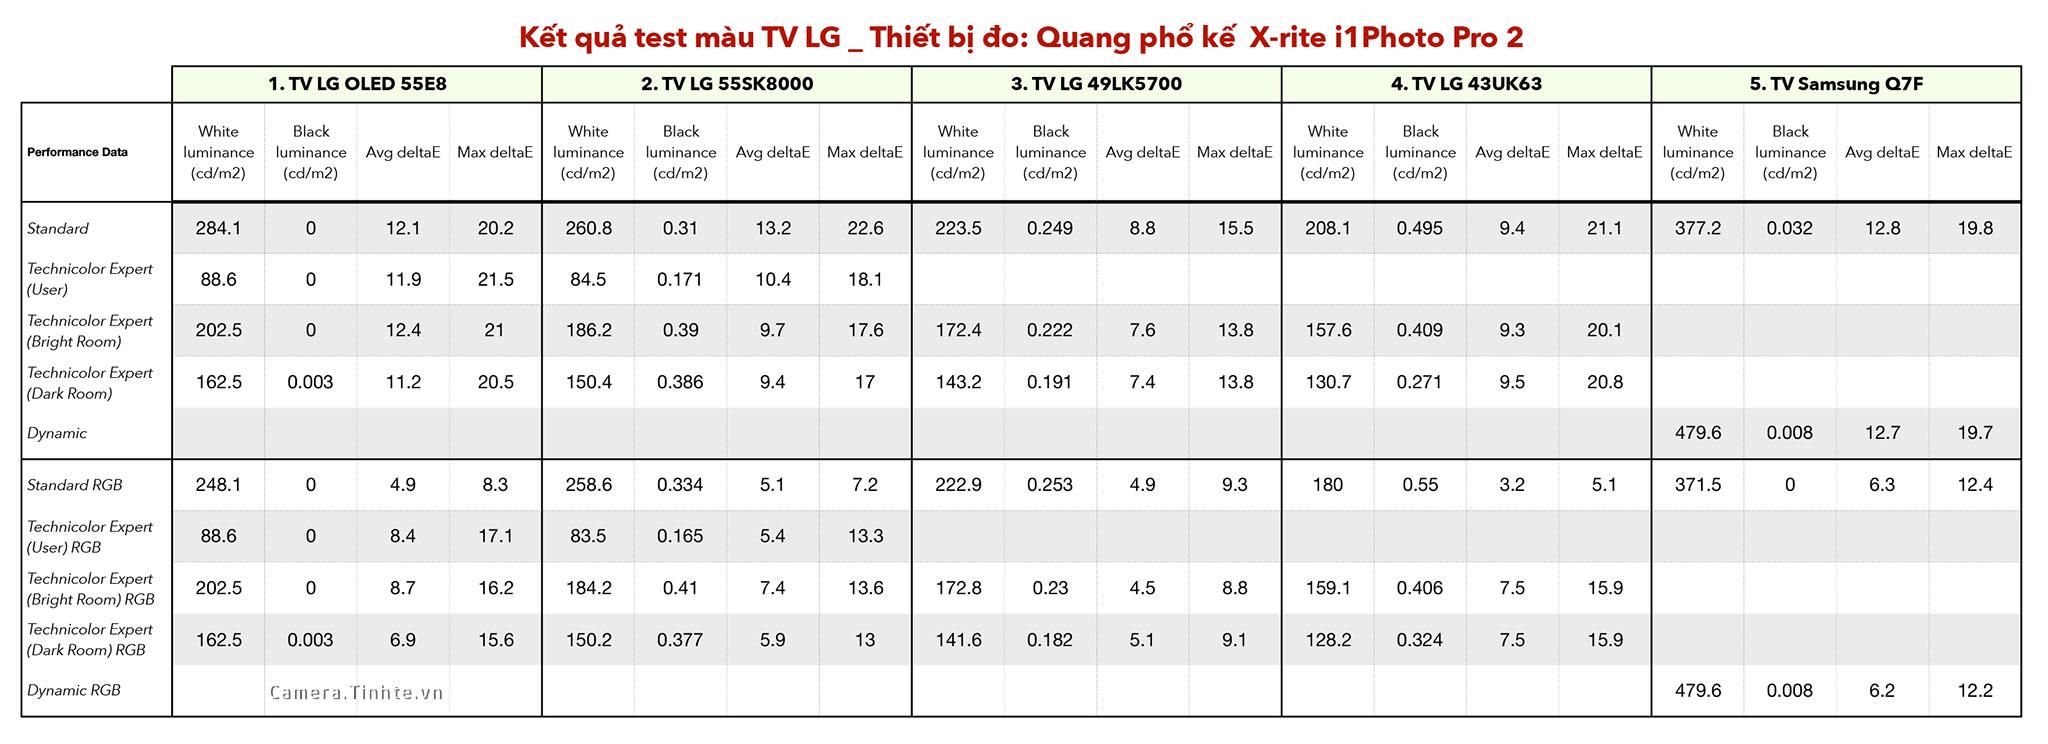 Đo-mau-TV-2-3.jpg